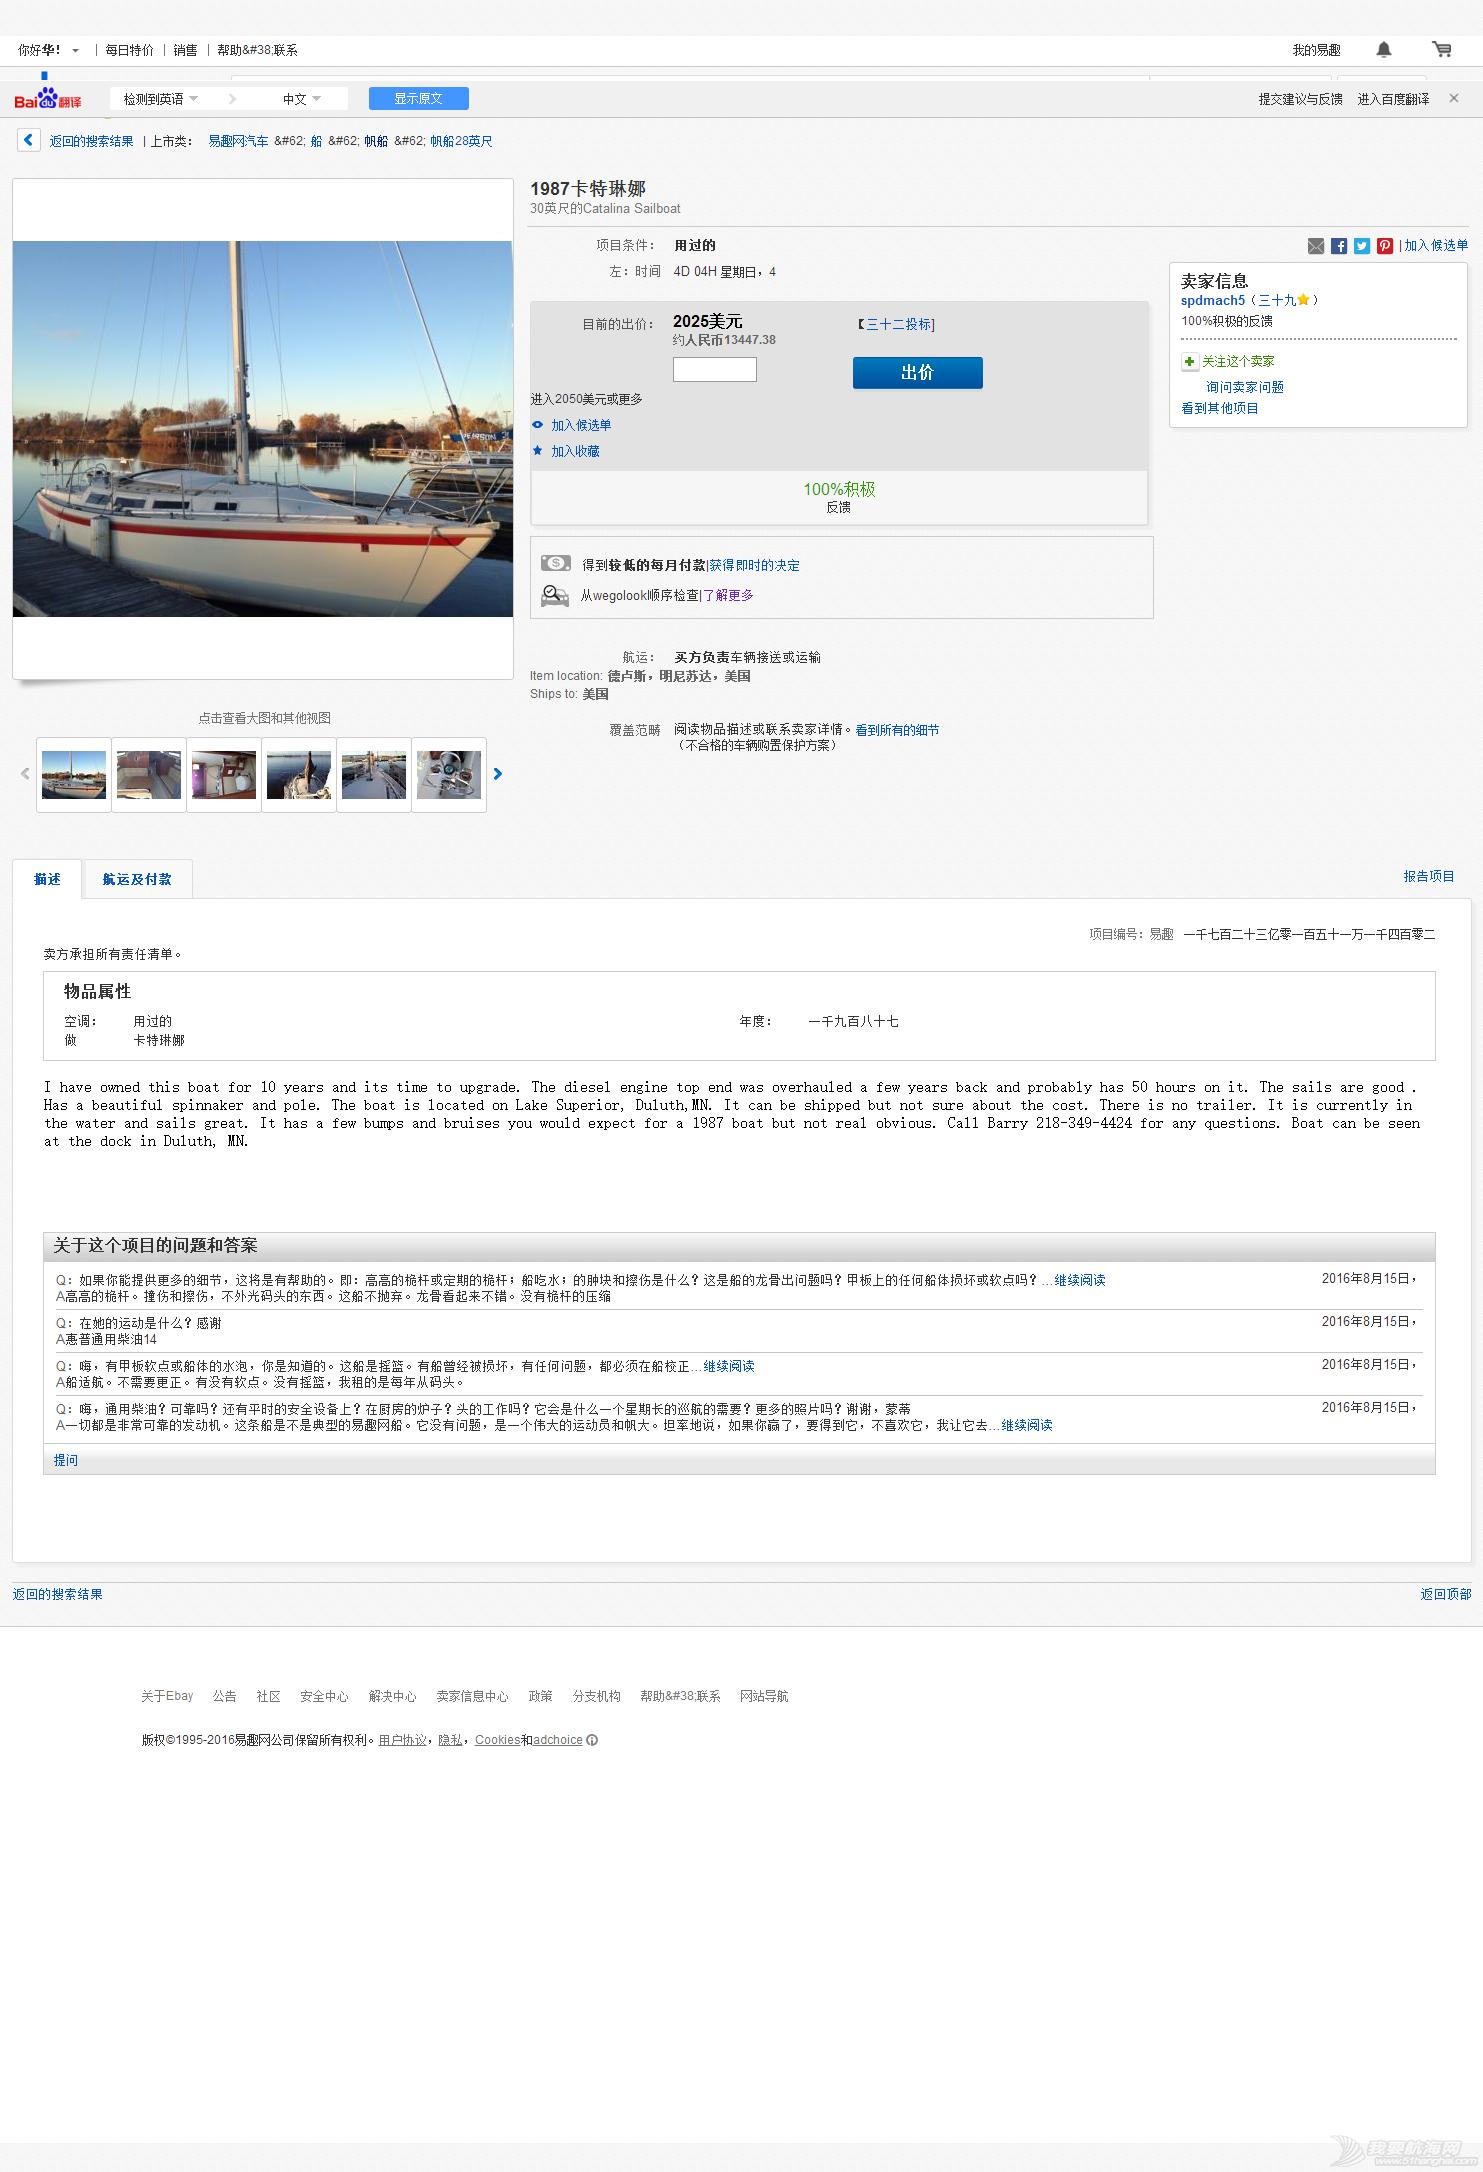 美国,二手,帆船,翻新,托运 想买美国二手帆船托运回国,翻新改造可行吗? 30英尺的Catalina帆船易趣网.png